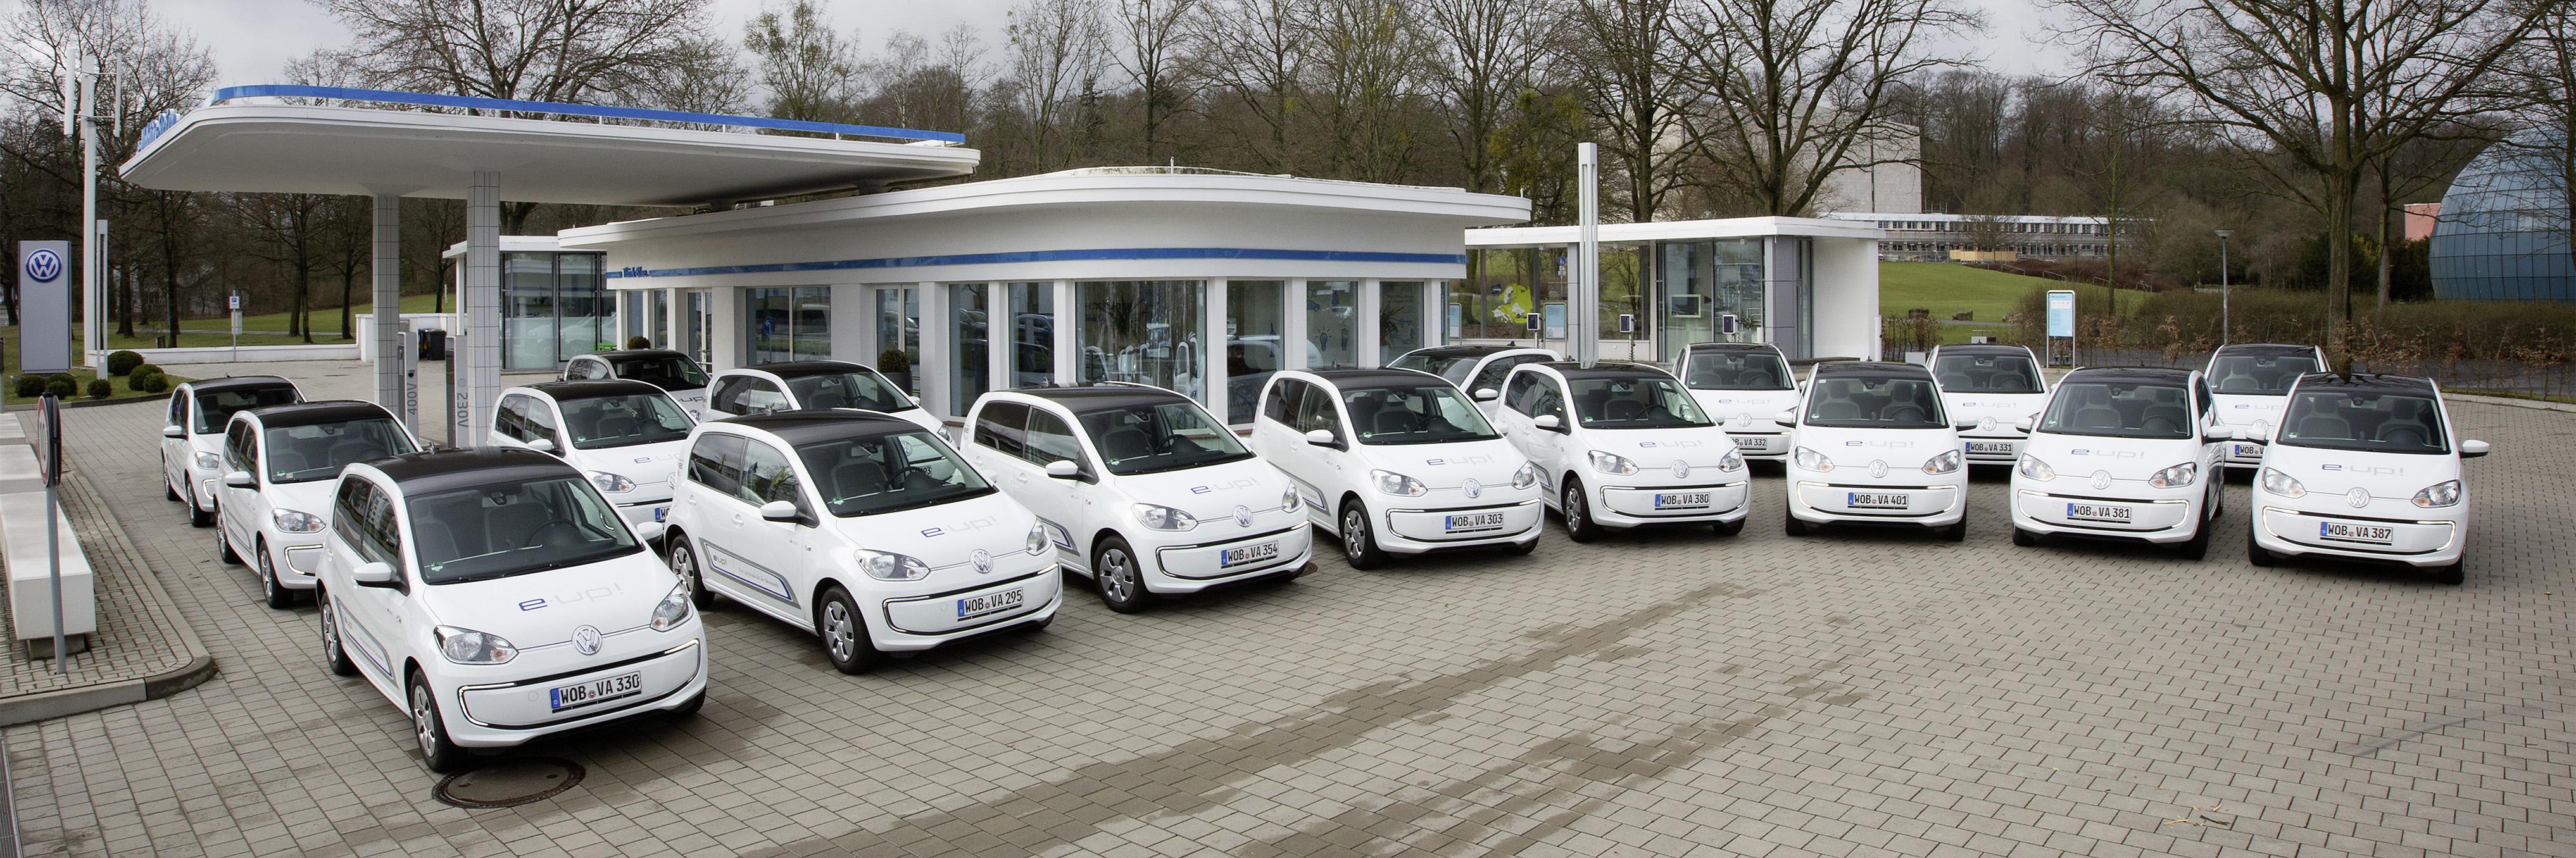 Ziet de toekomstige leenautovloot er zo uit? Bij Van den Udenhout kunnen klanten een proefrit van een dag maken, of drie dagen een elektrische auto huren voor €100,-.